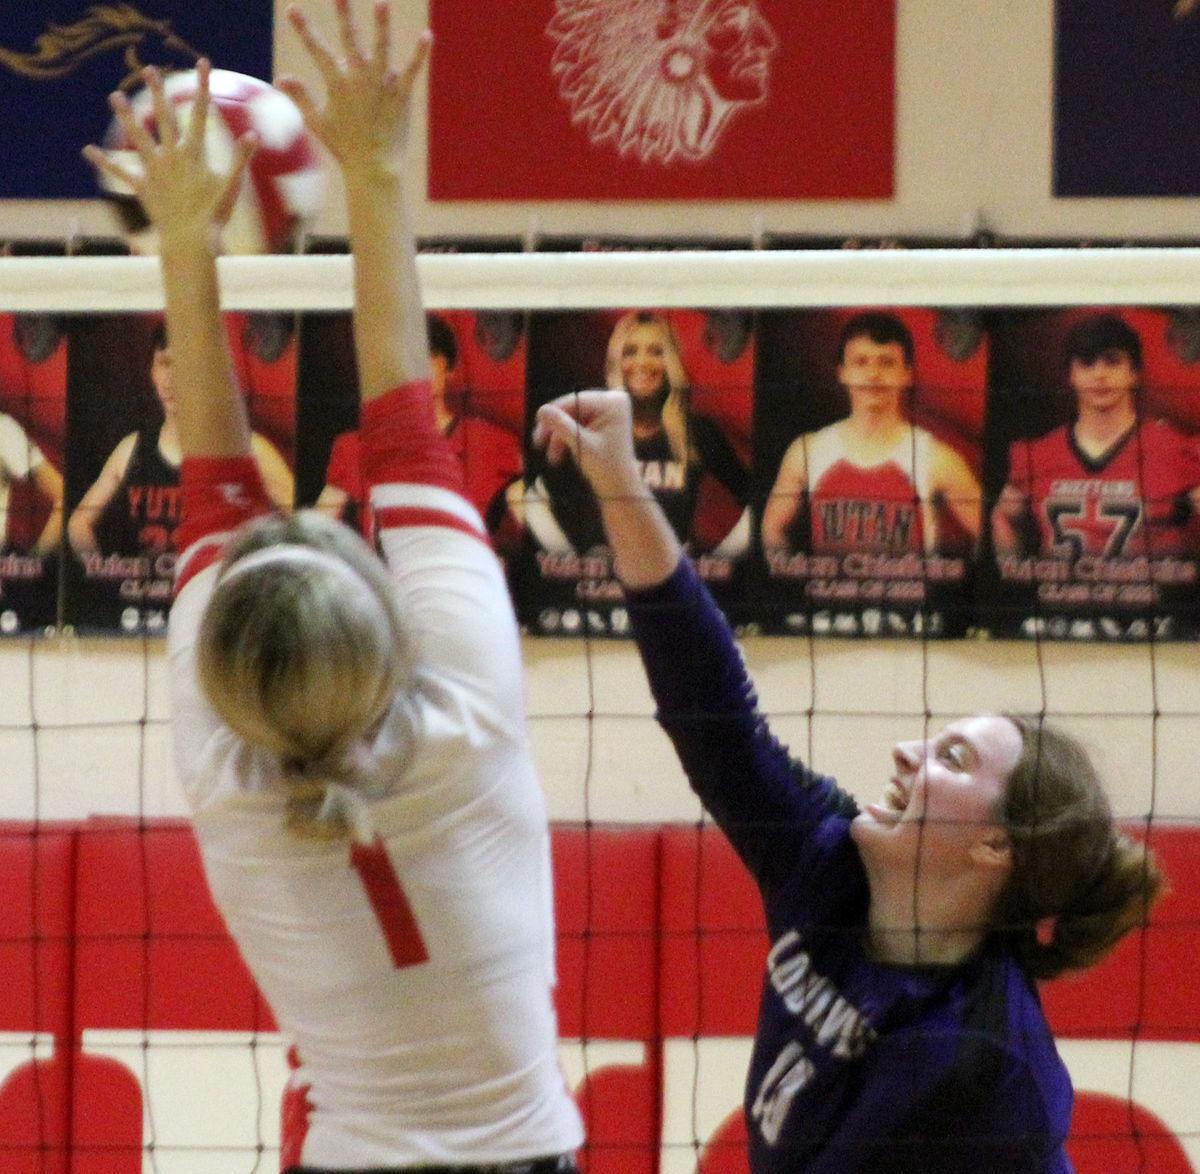 Brooke Smith swings against Yutan